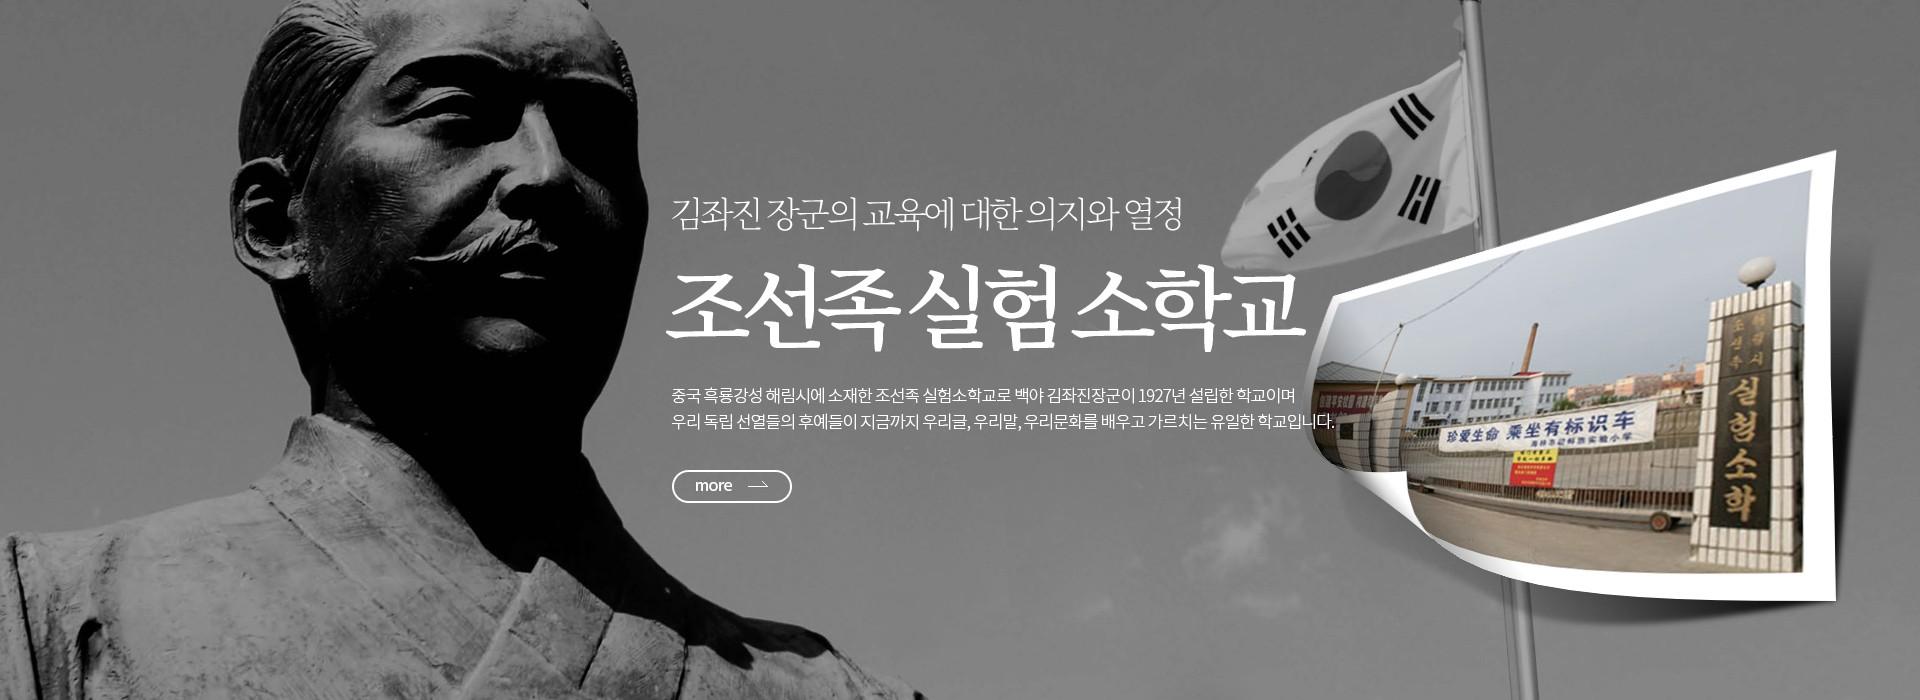 조선족 실험 소학교